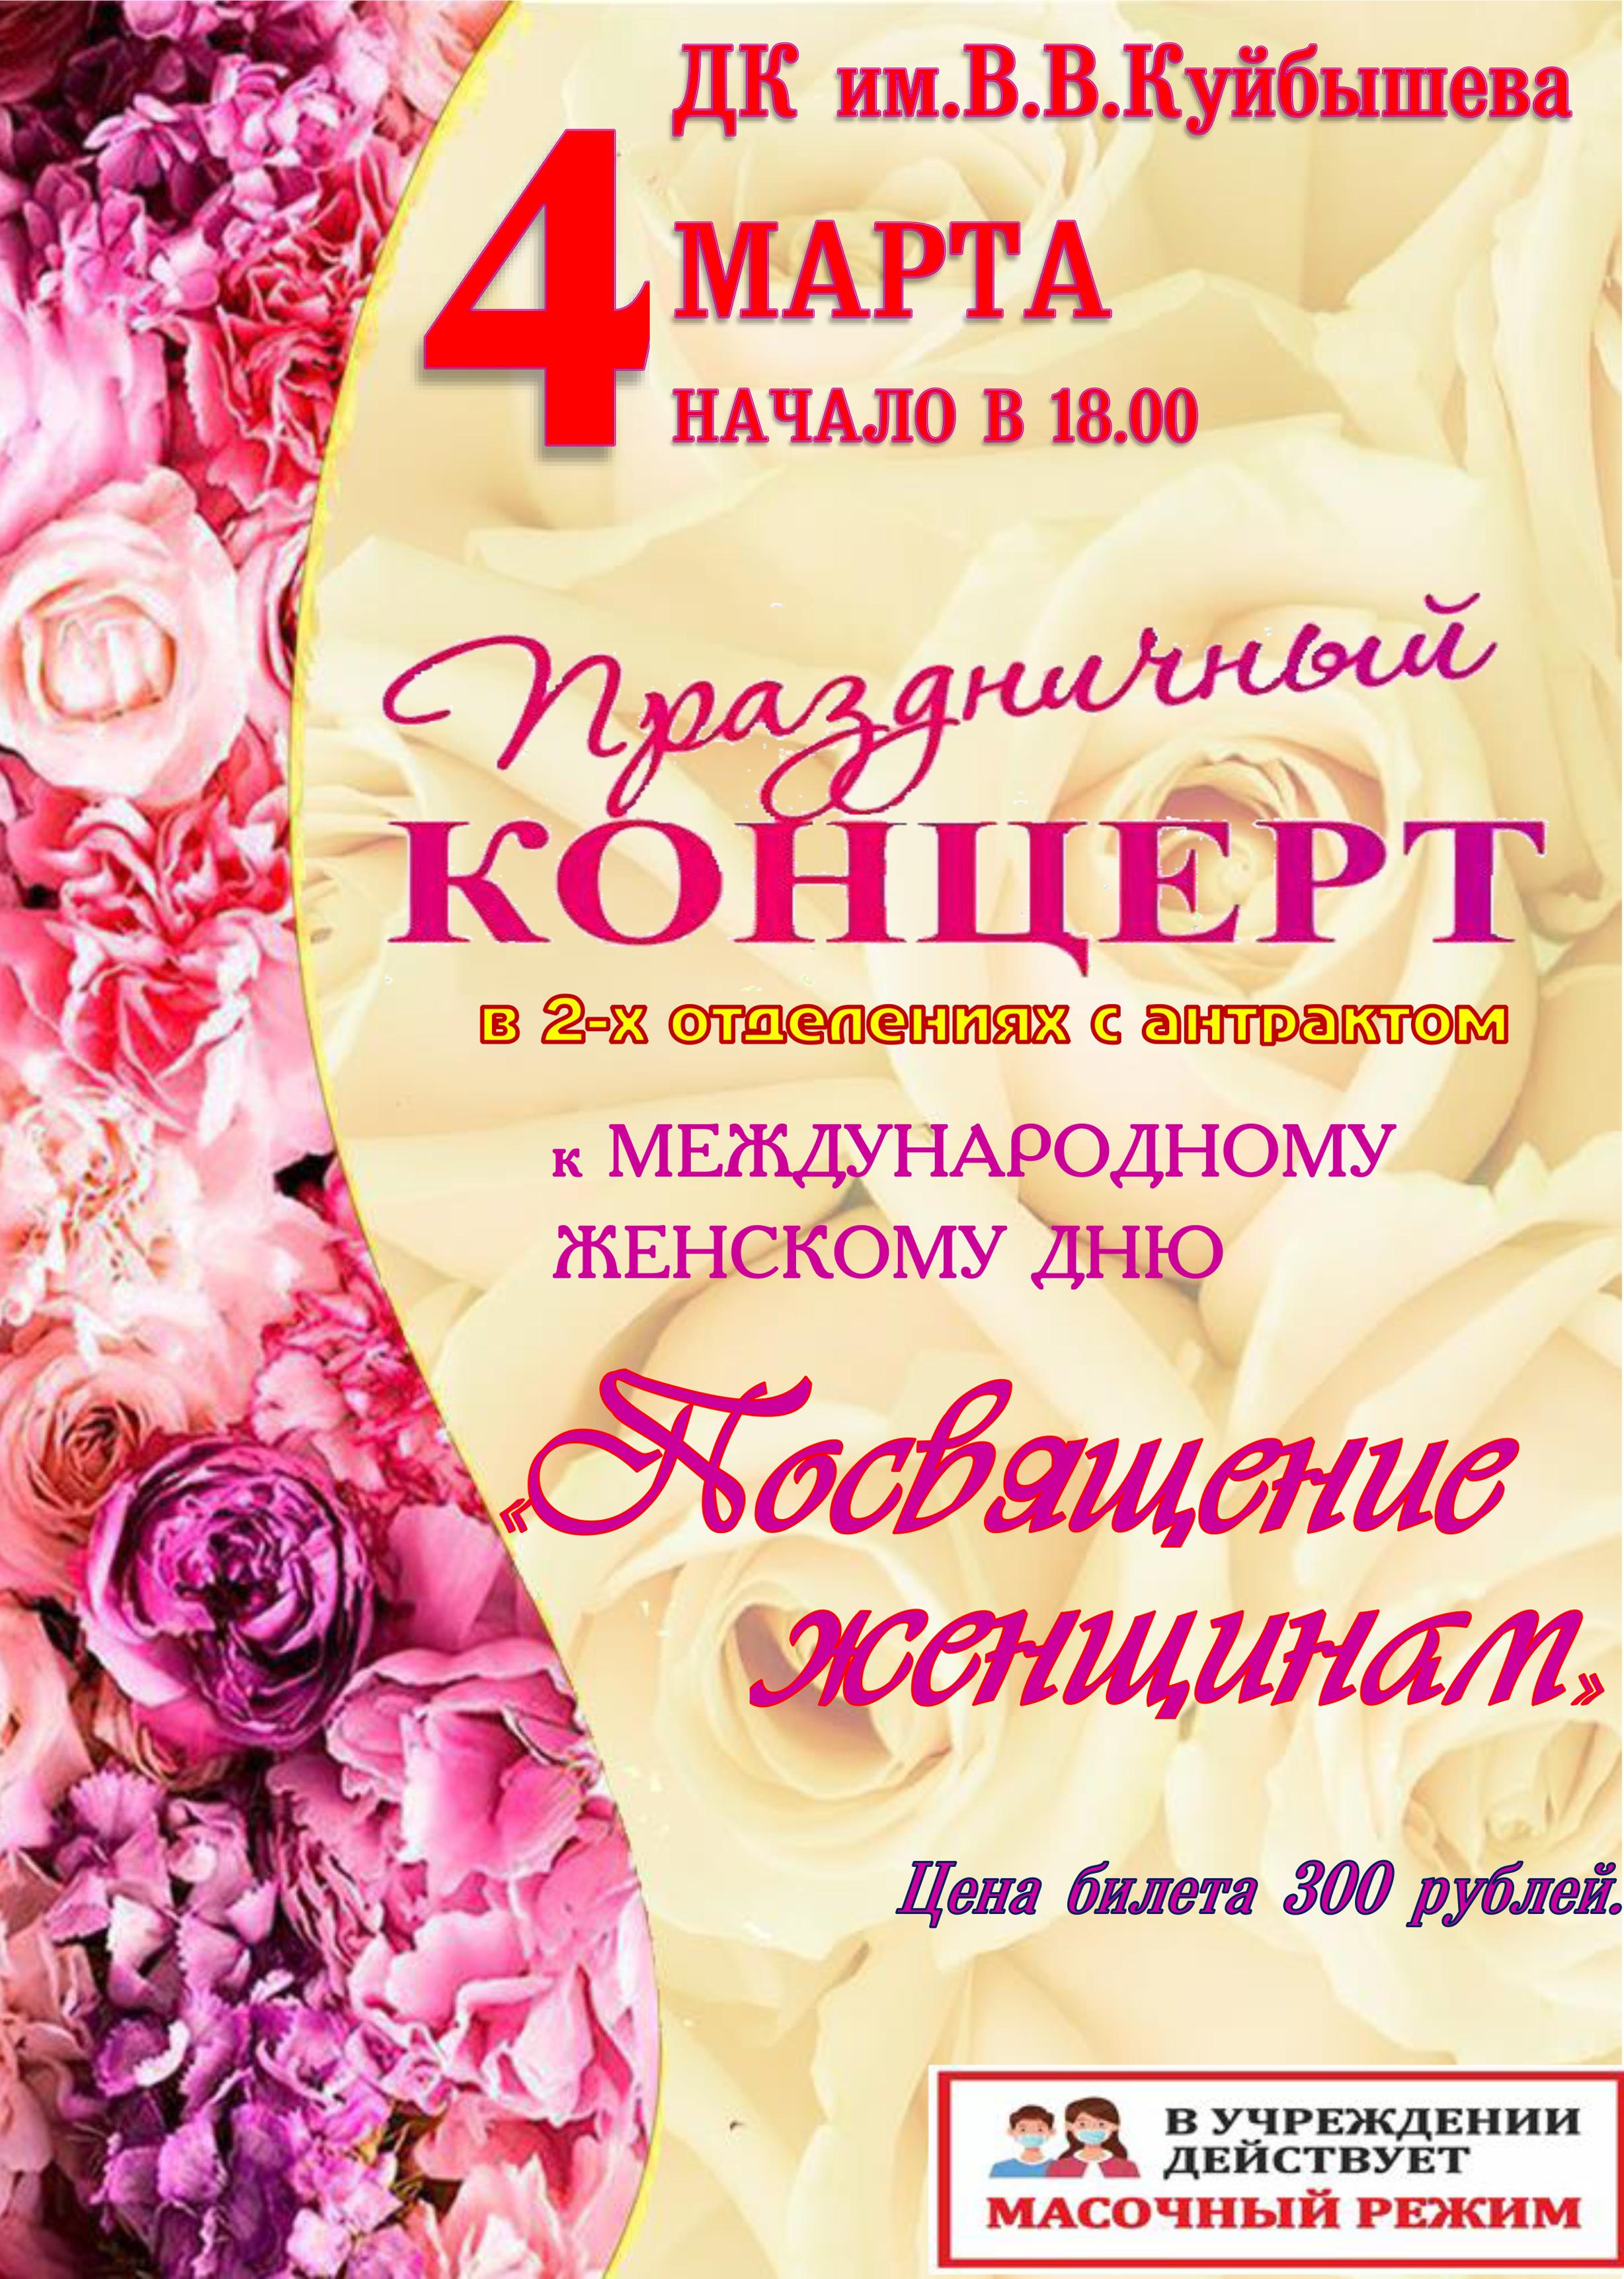 @ ДК им. В.В. Куйбышева, большой зал